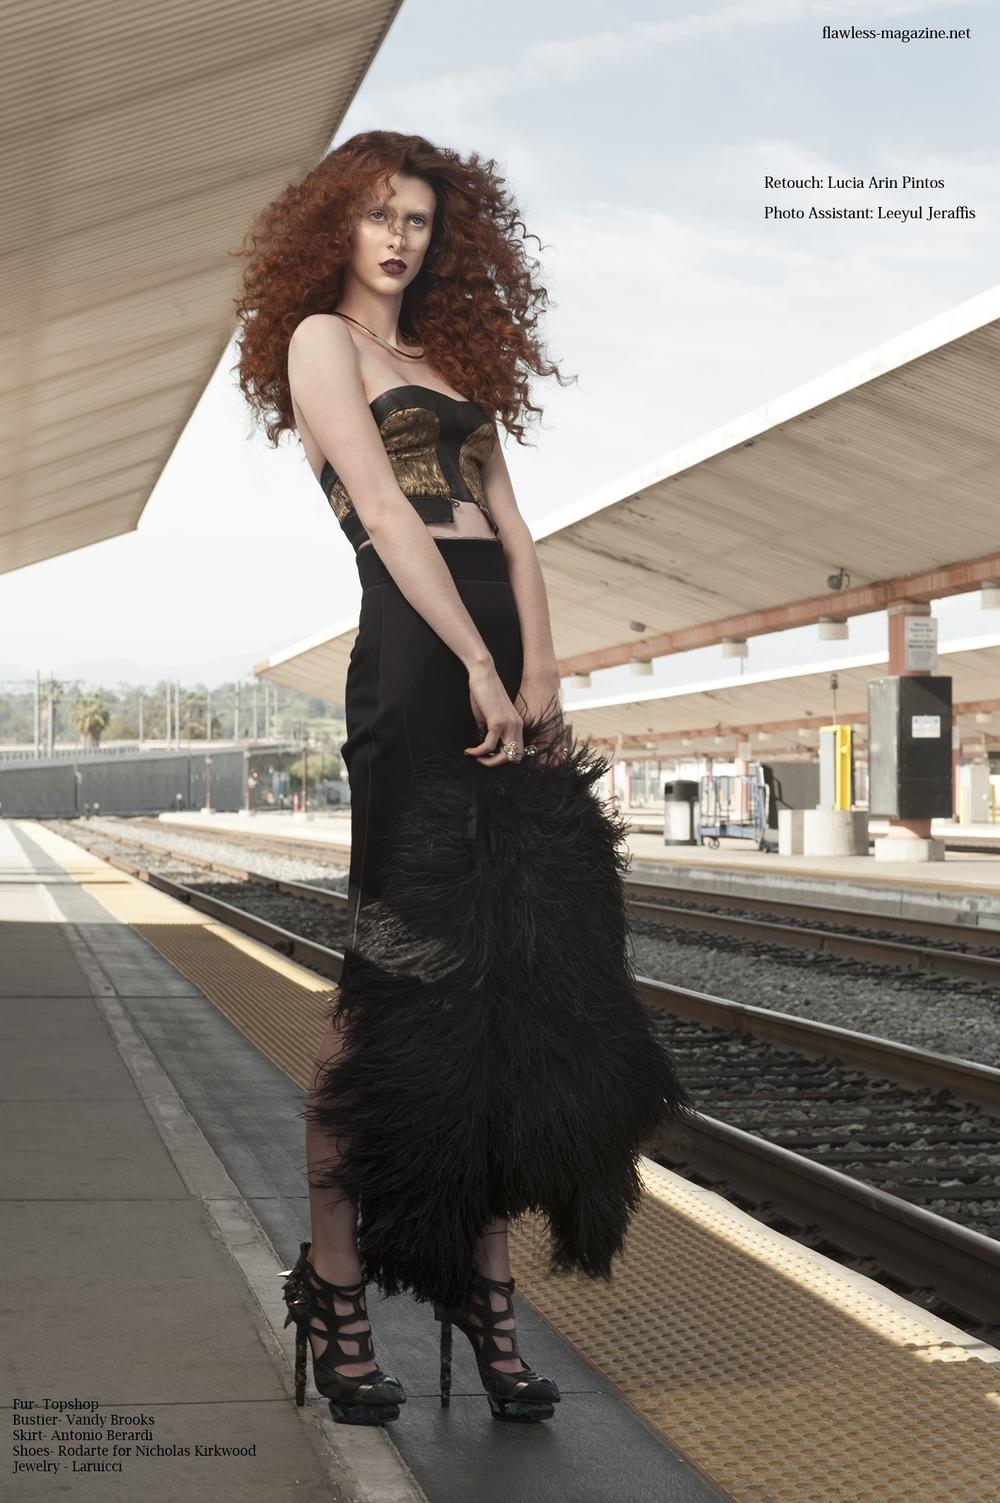 Rachel Jeraffi-flawless-magazine-8.jpg